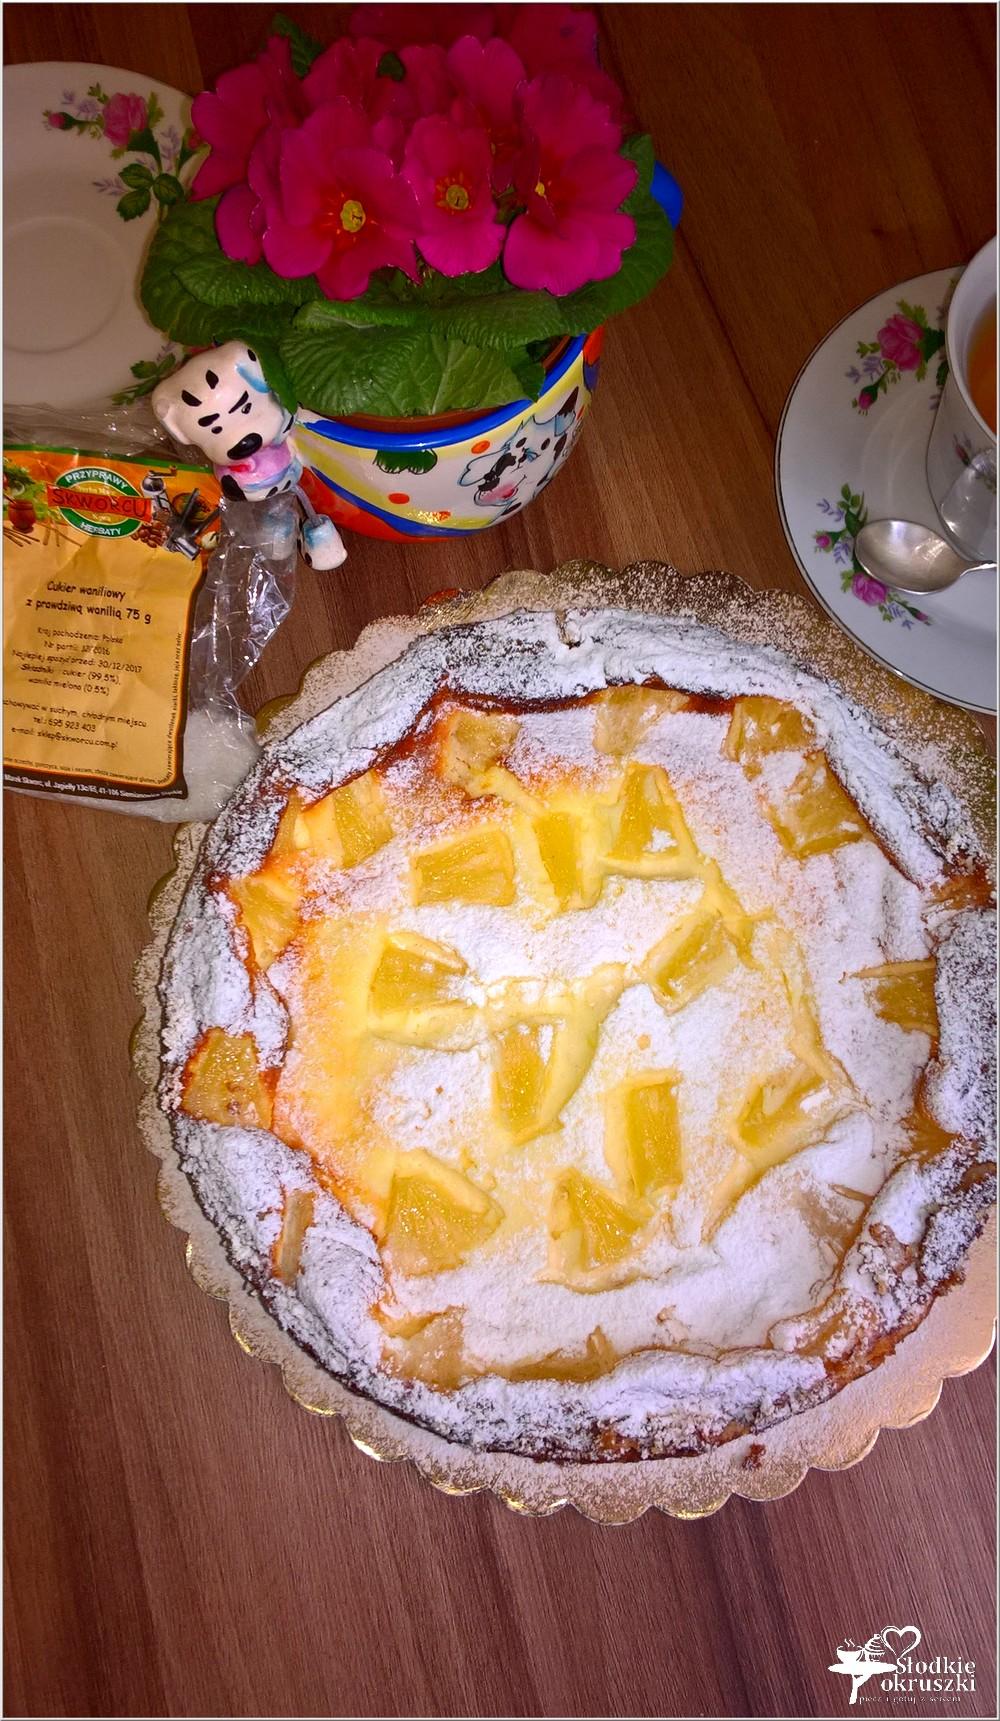 Sernik z ananasem na słonawym spodzie (5)